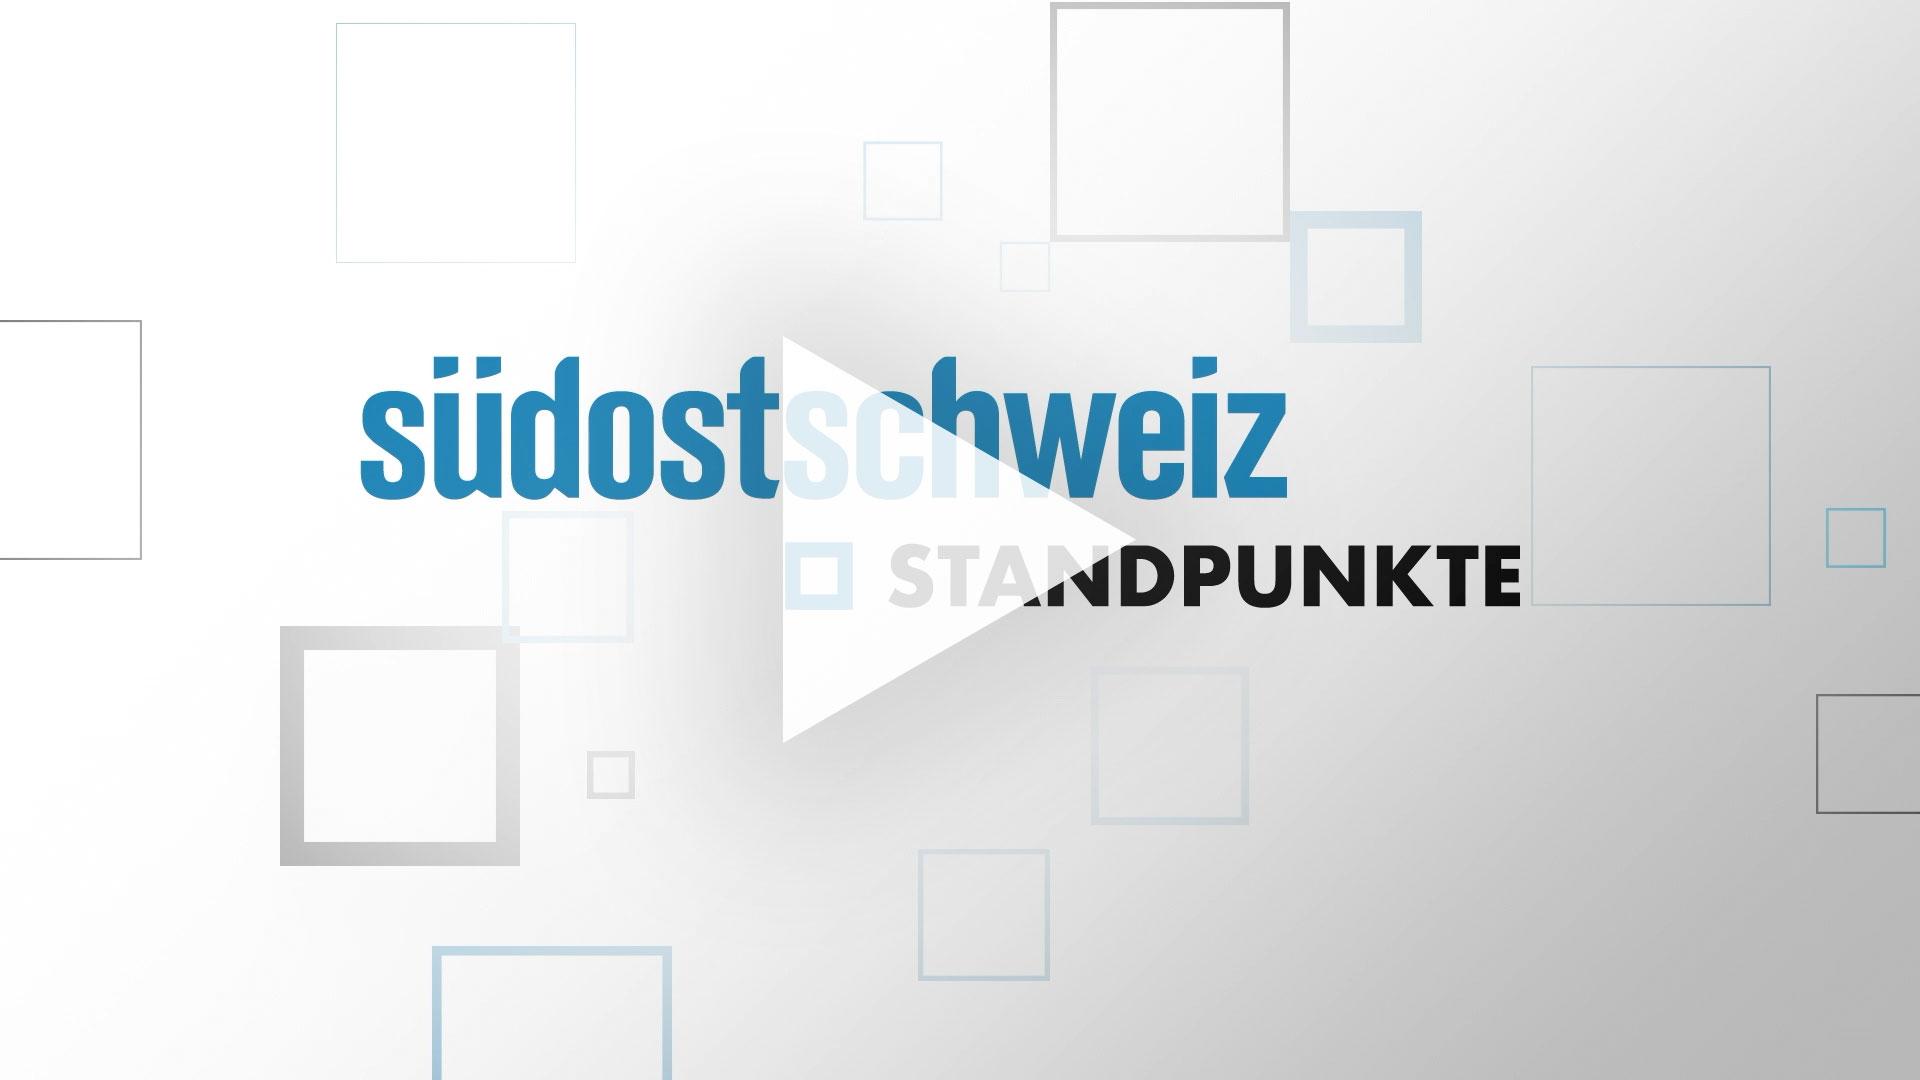 Pfeil-Thumbnail_Suedostschweiz-Standpunkte